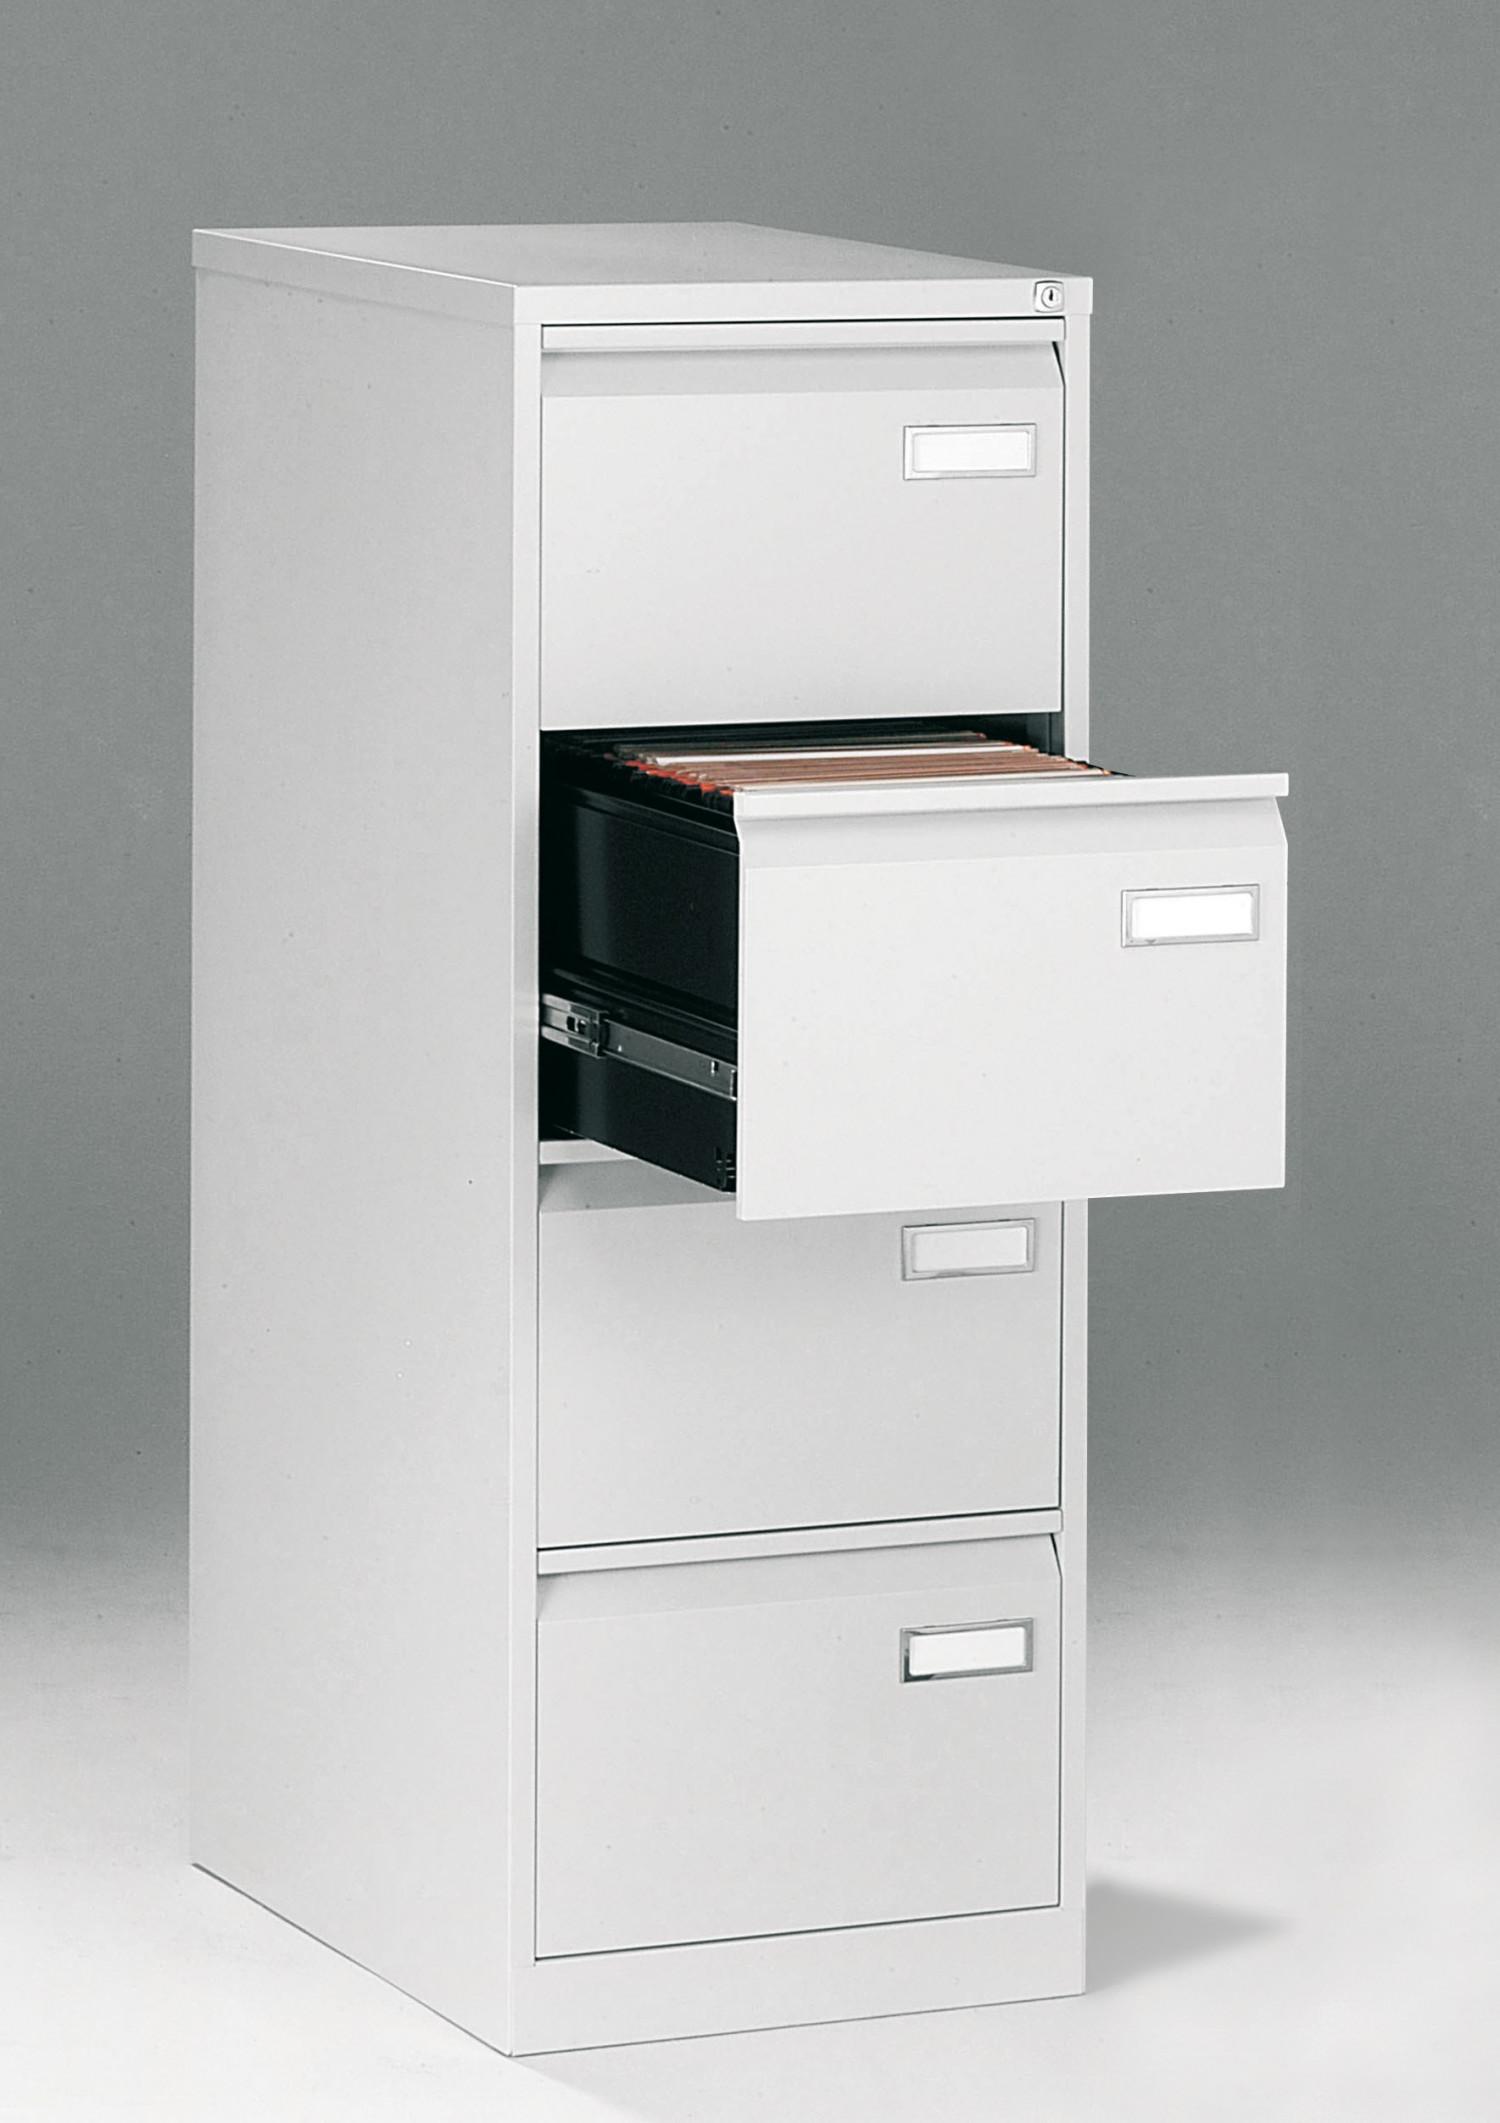 Cassettiere Metalliche Per Ufficio.Classificatore Metallico A 4 Cassetti Art Four Feeling